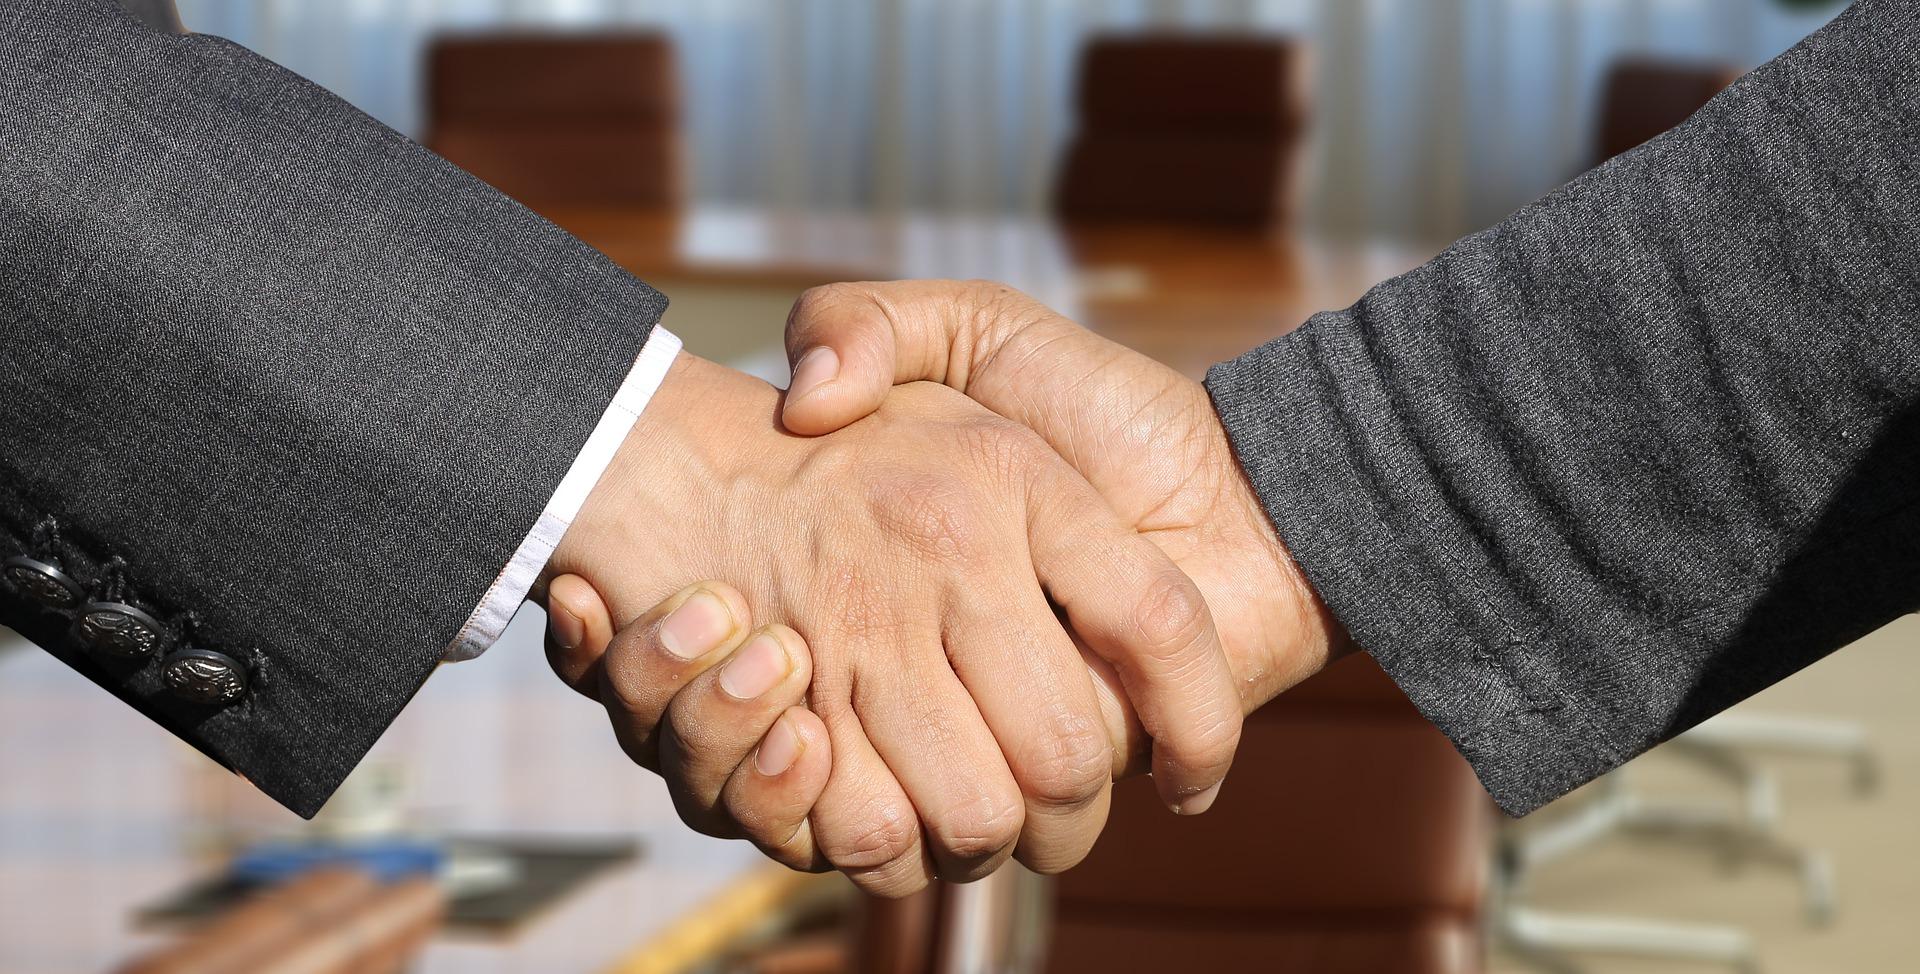 criminal case dismissed - handshake